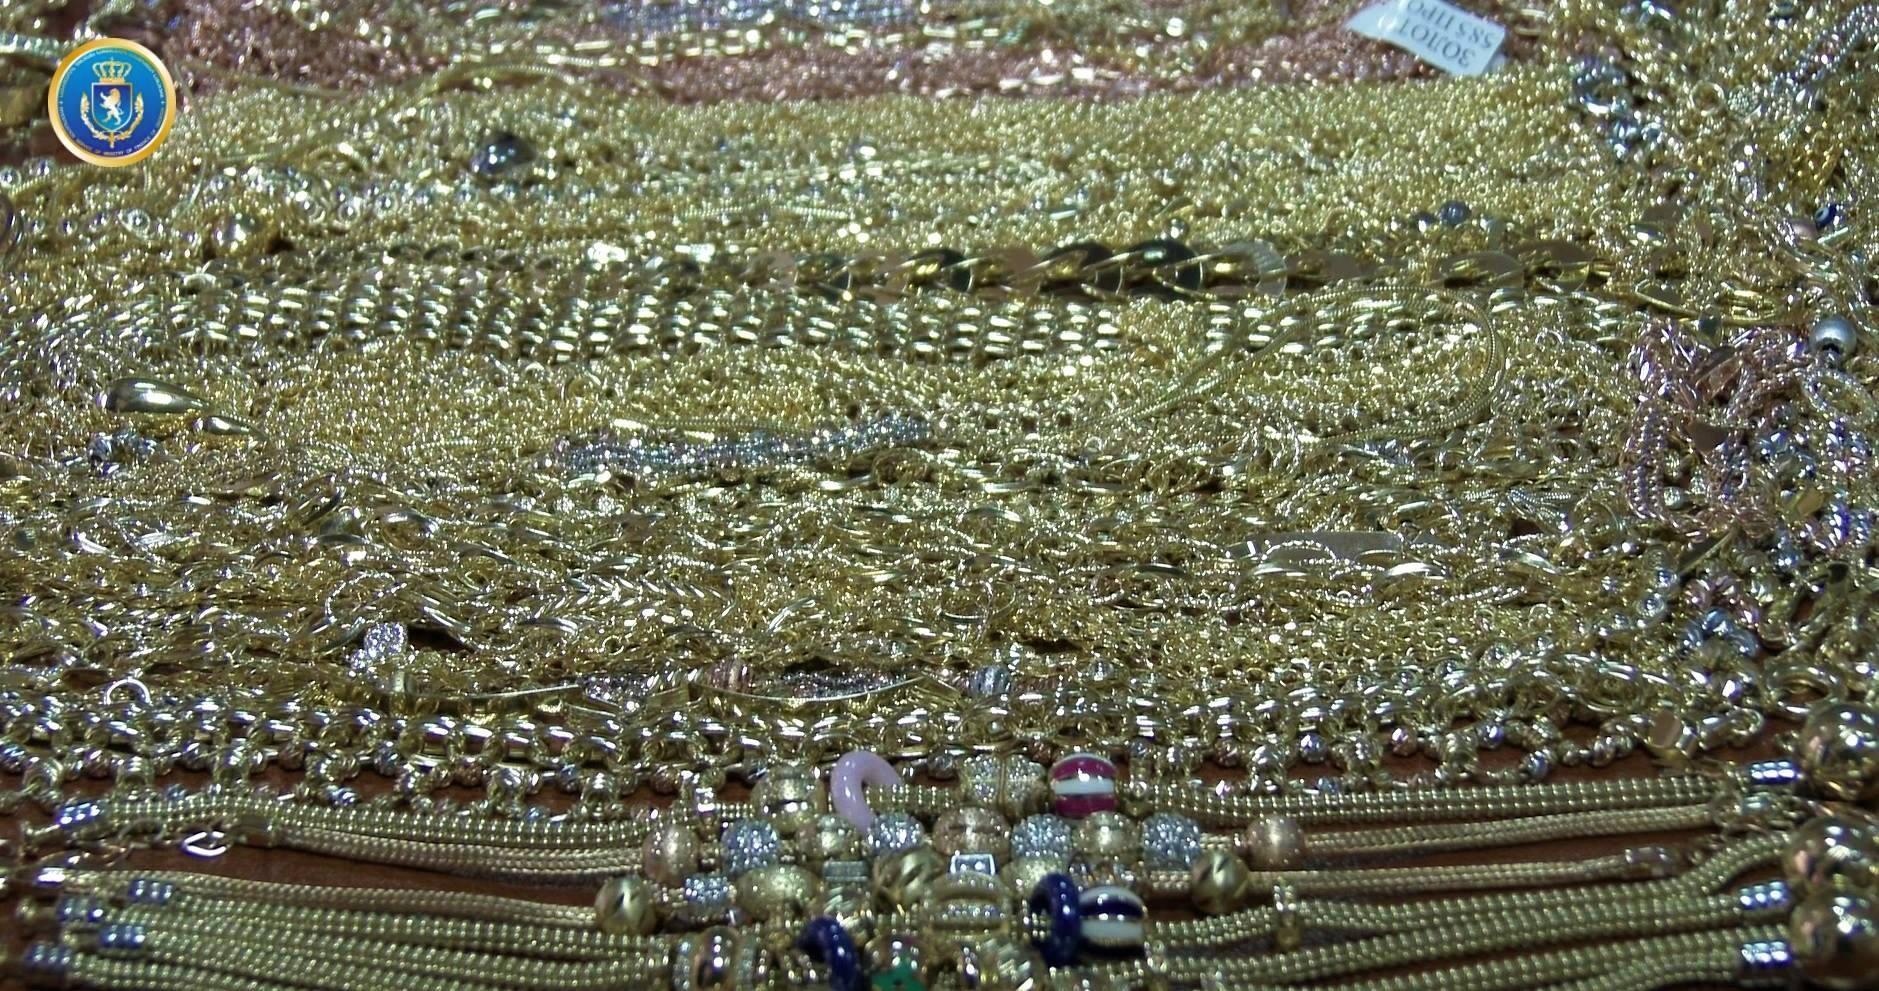 საგამოძიებო სამსახურმა განსაკუთრებით დიდი ოდენობით ოქროს კონტრაბანდული გზით გადაზიდვის ფაქტი გამოავლინა